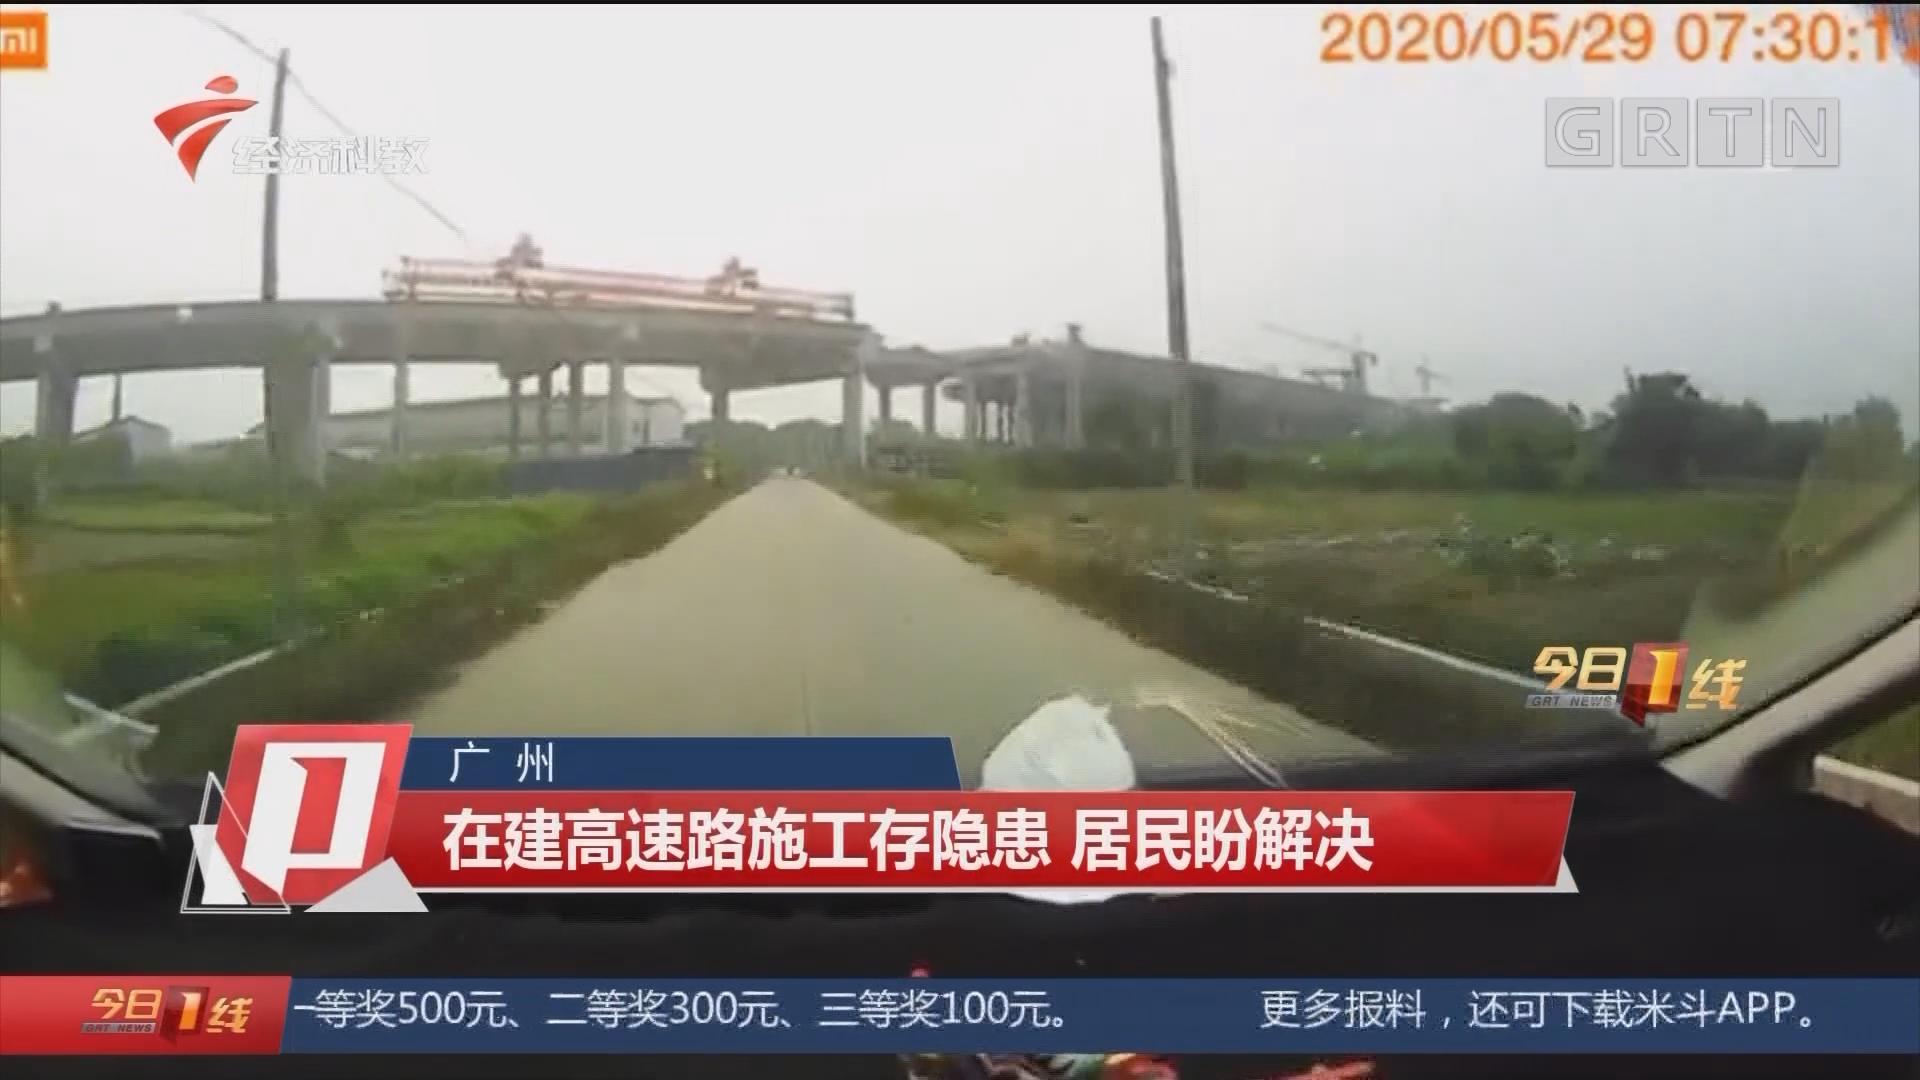 廣州 在建高速路施工存隱患 居民盼解決